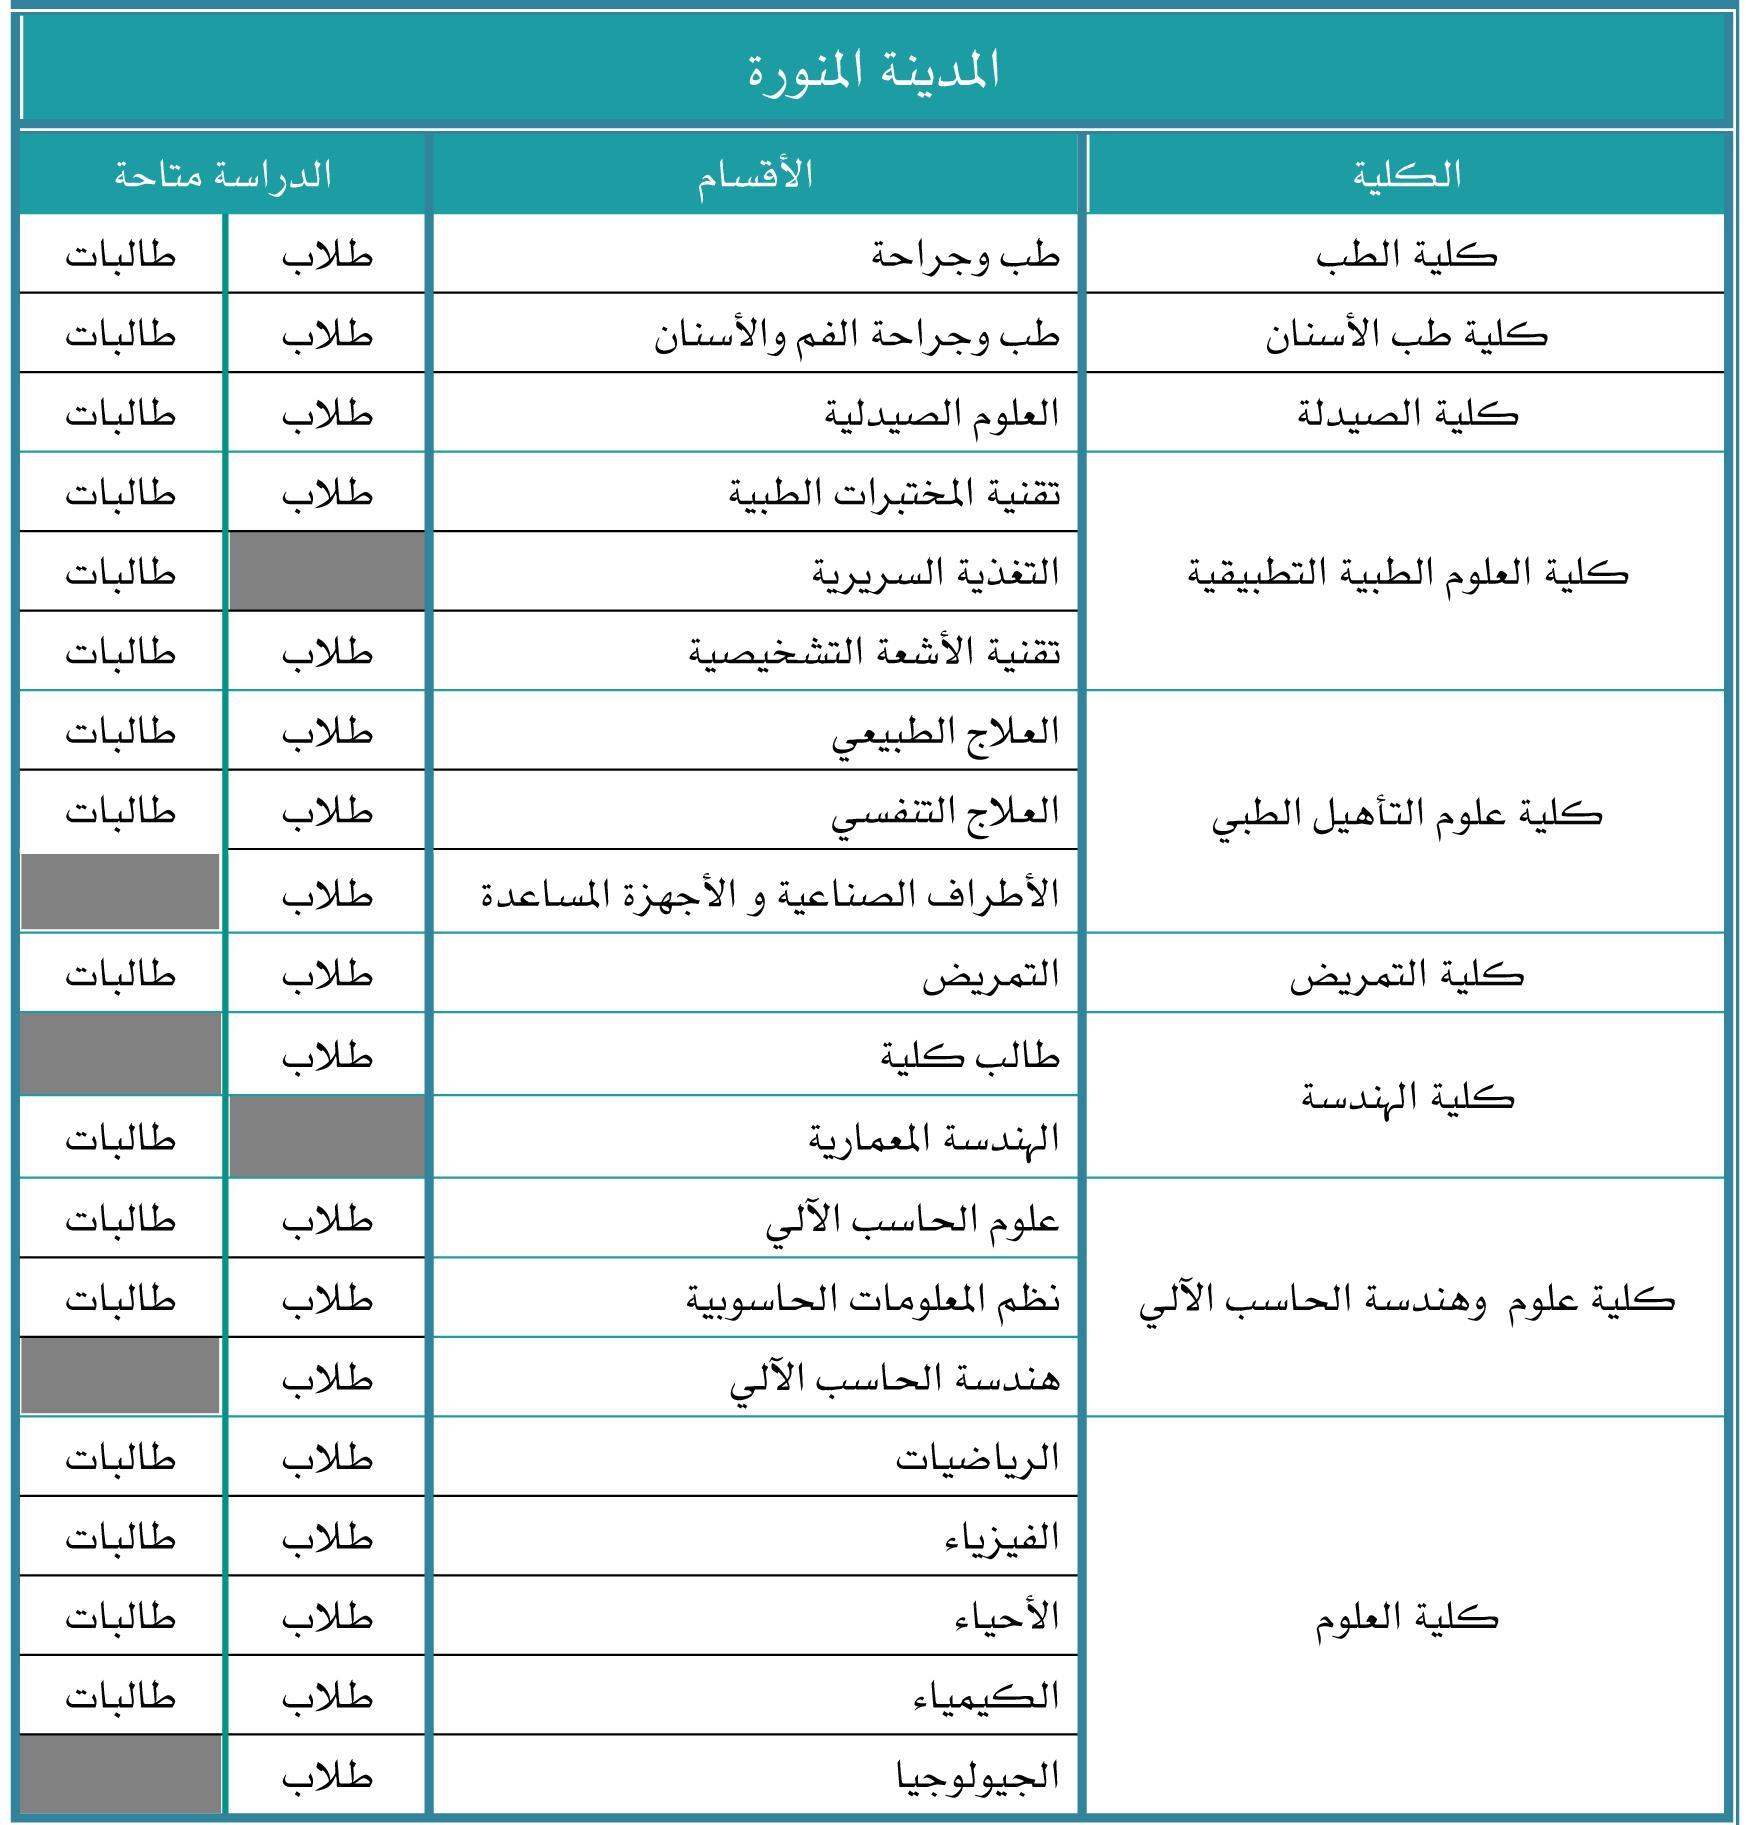 شروط القبول في جامعة طيبة فرع ينبع 1443